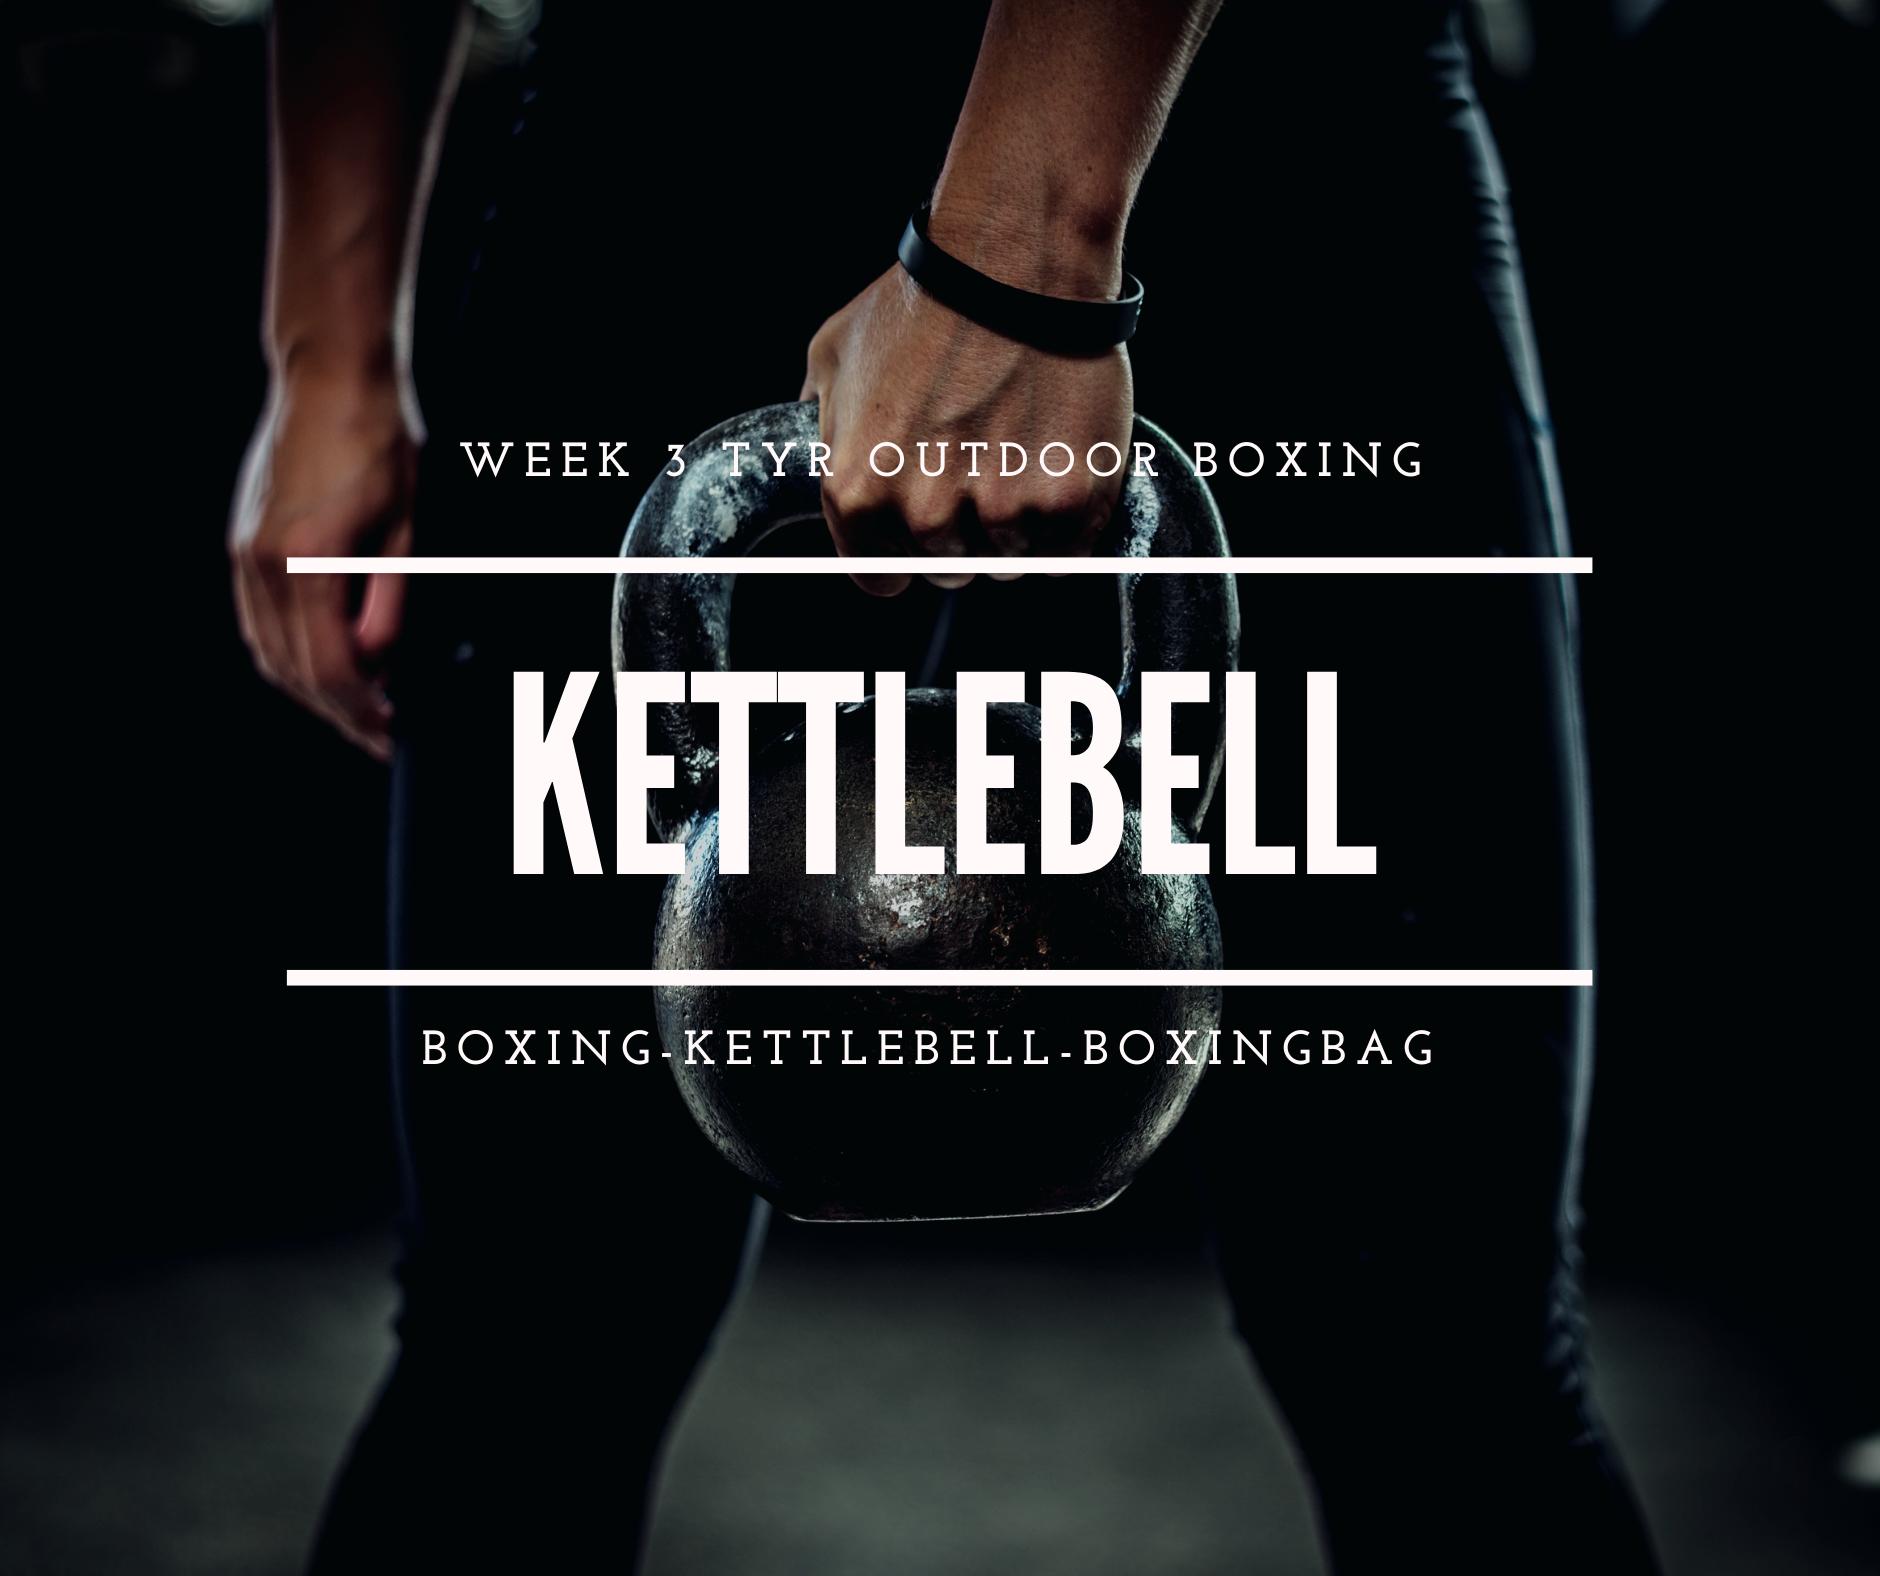 Deze week kettlebells!!